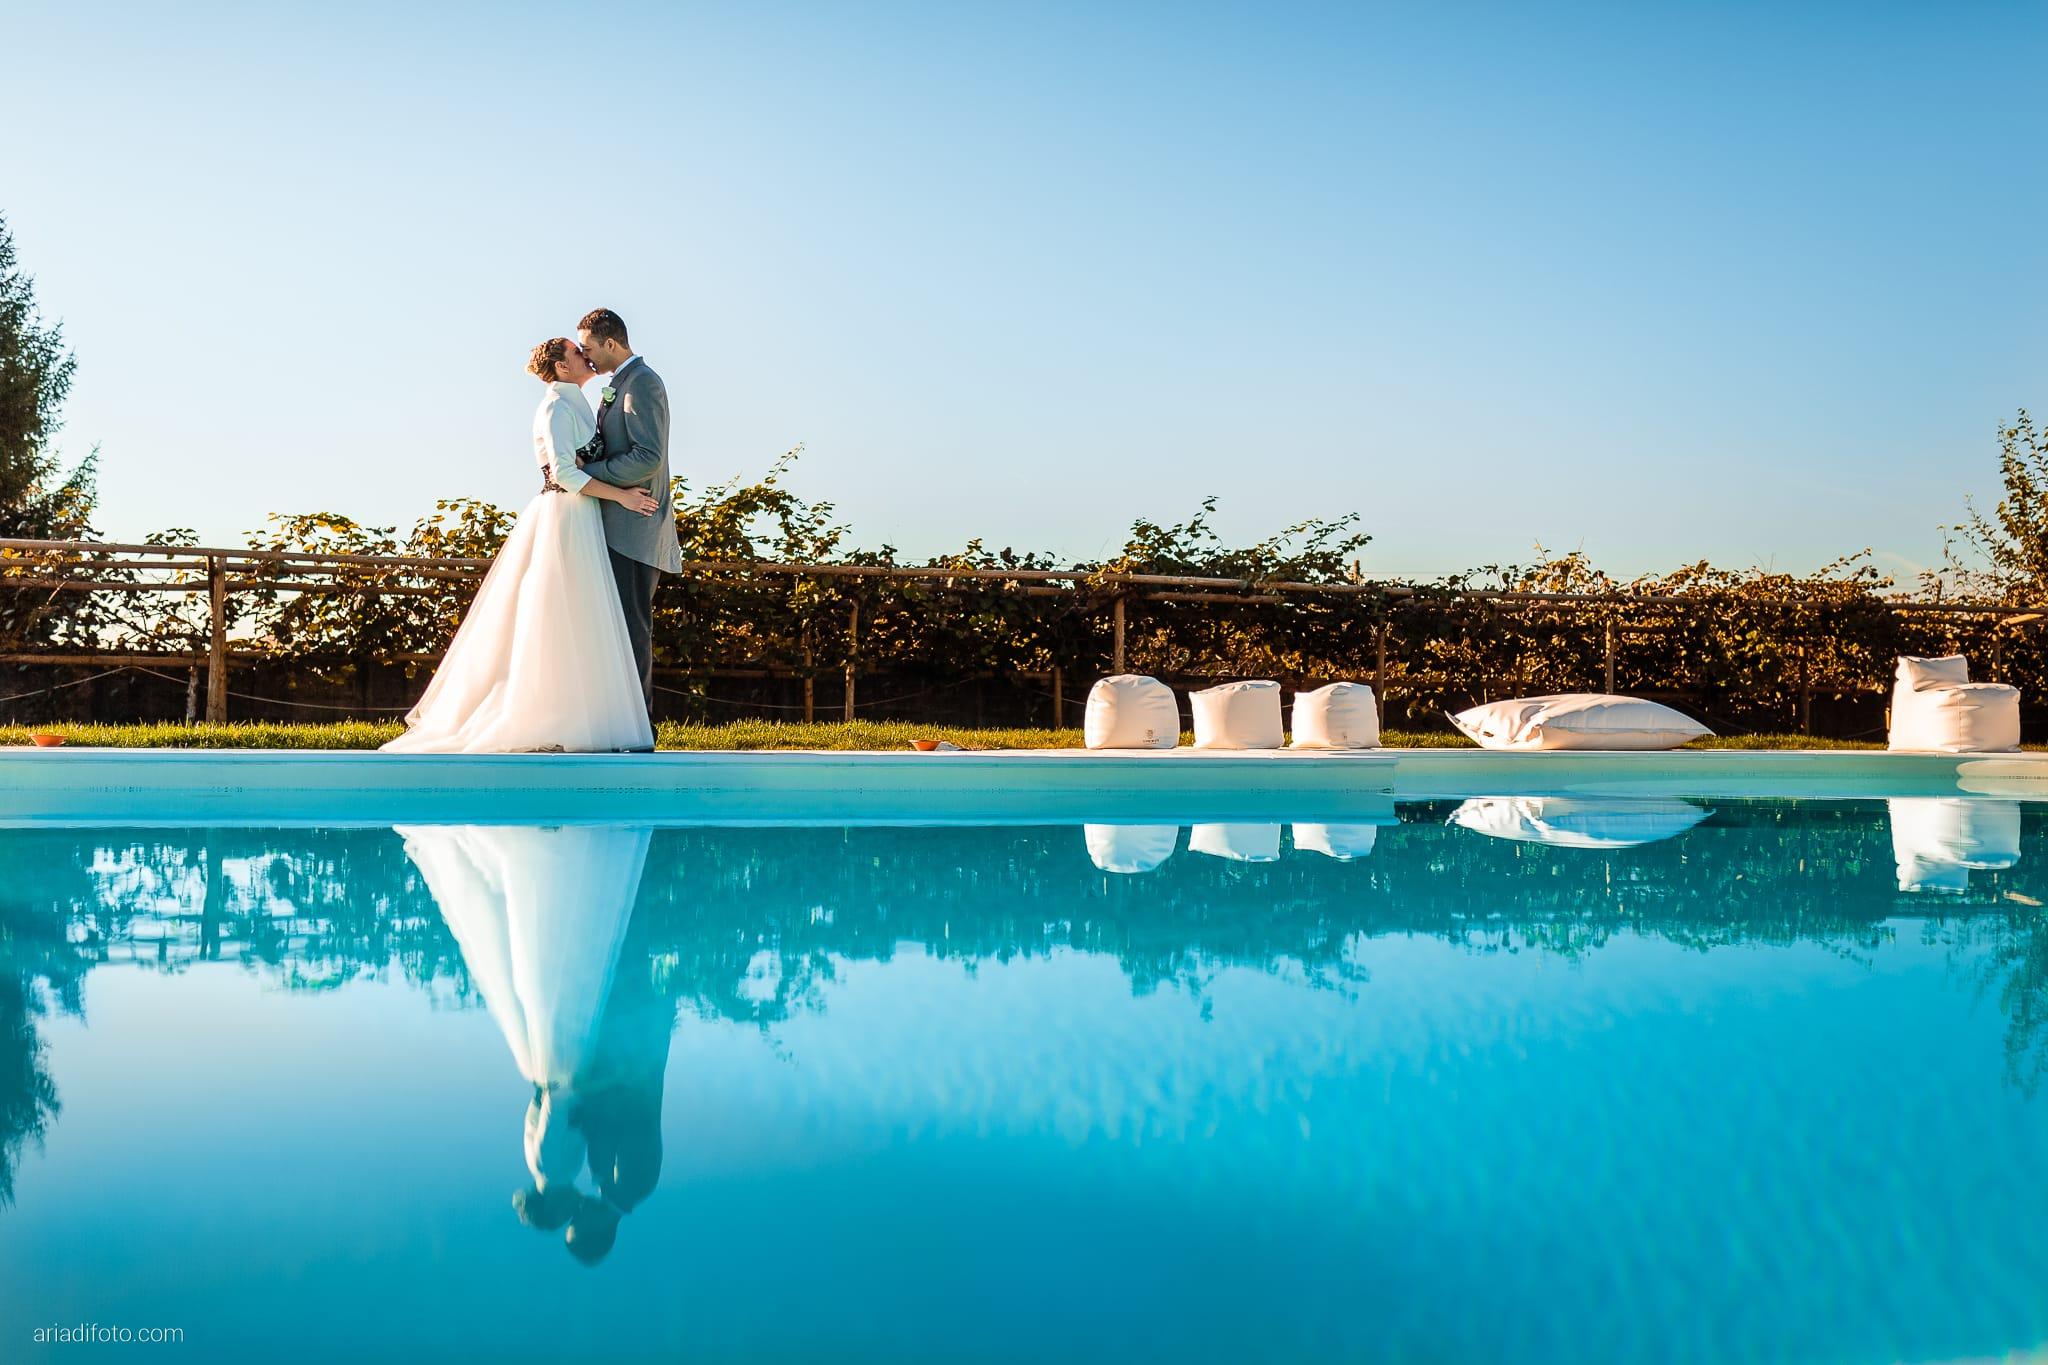 Laura Daniele Matrimonio San Vito Al Tagliamento Villa Faggiotto Busco Ponte Piave Treviso ritratti sposi piscina